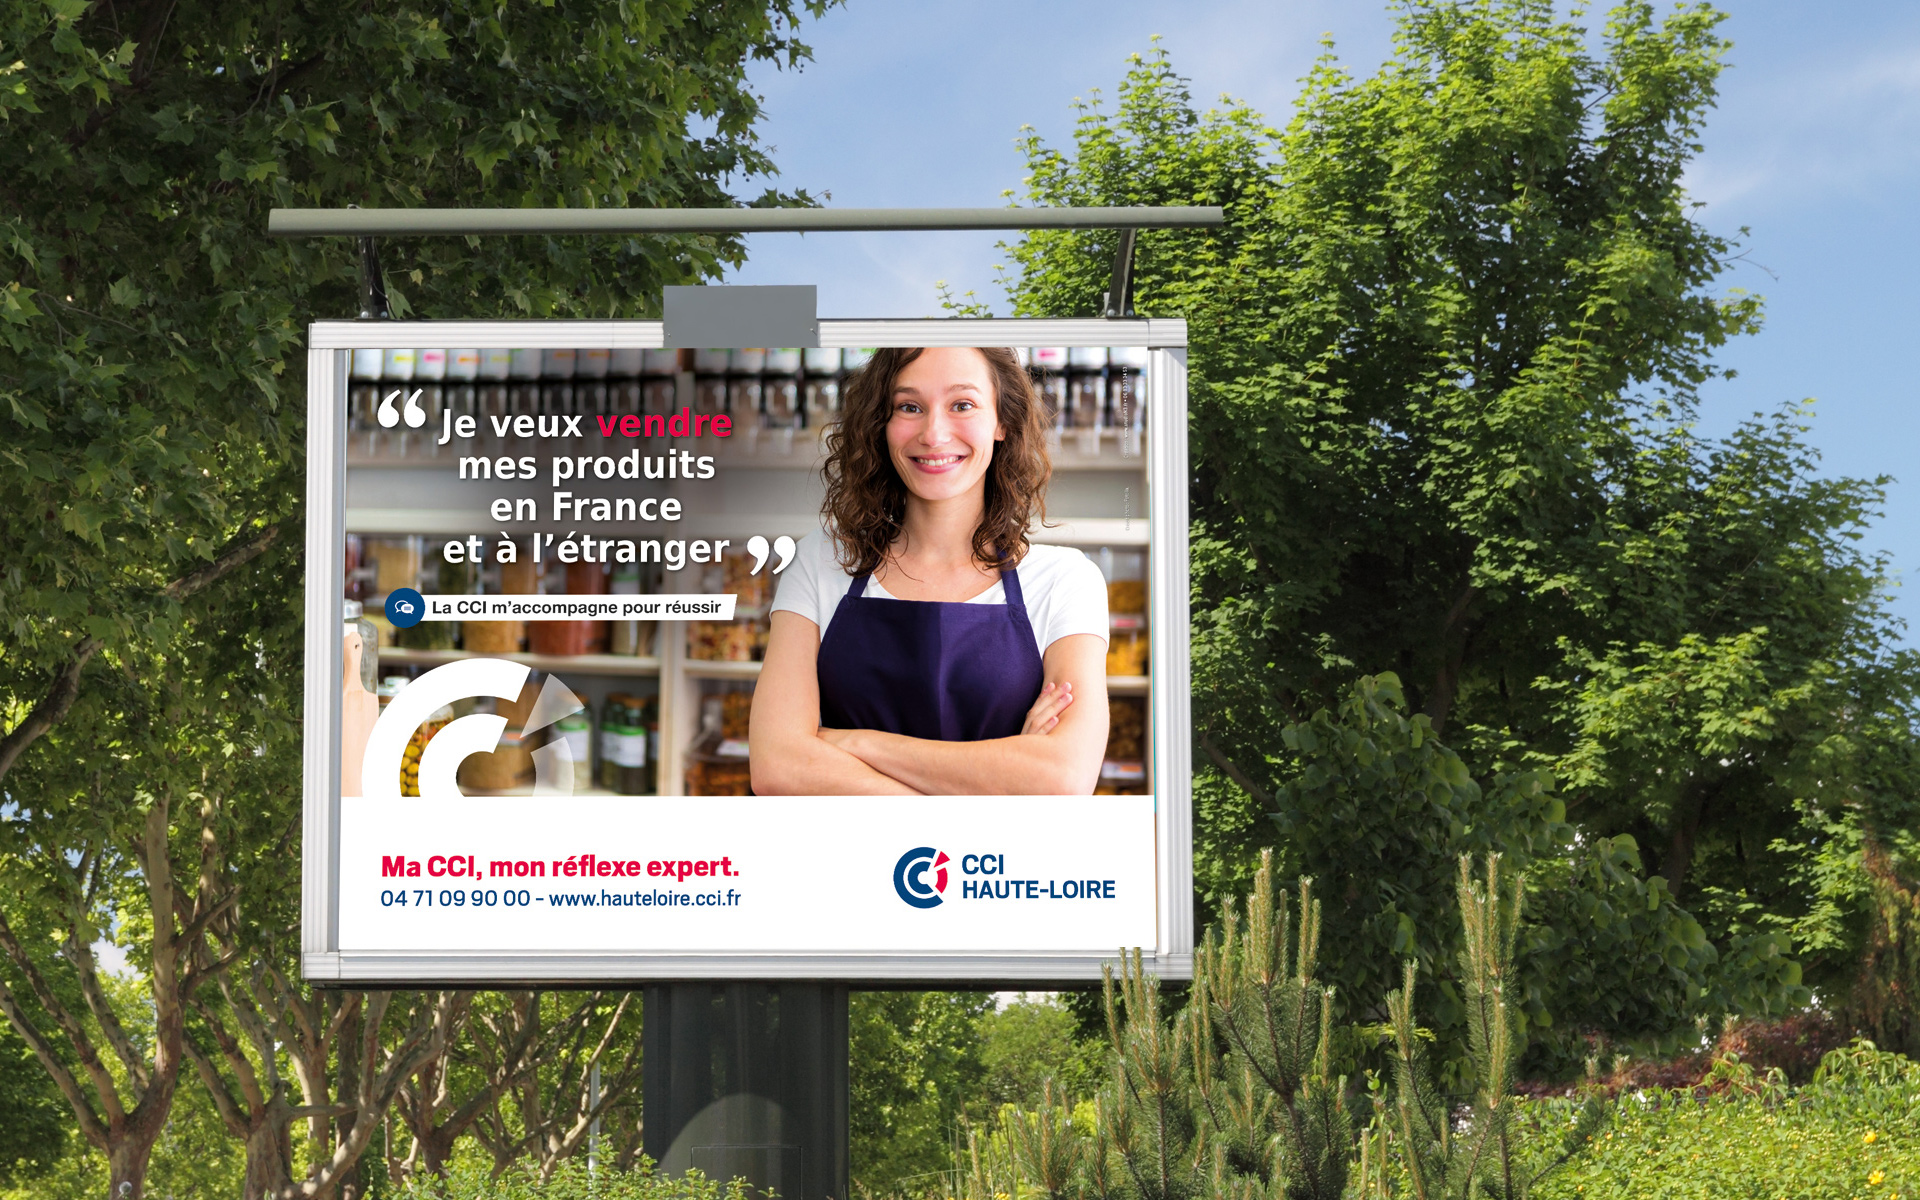 Conception de la campagne de communication CCI par l'agence de communication studio N3